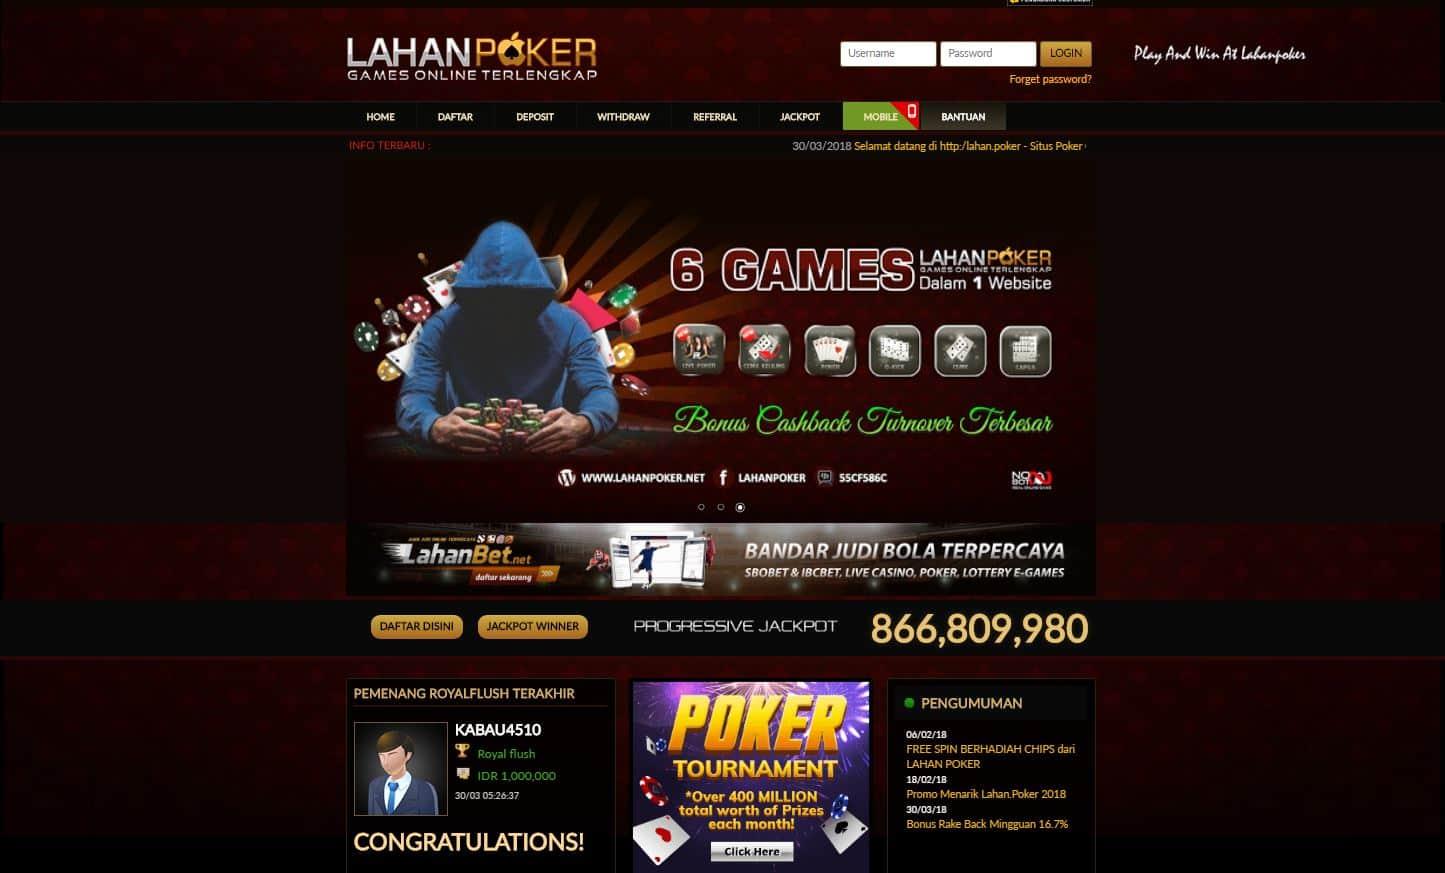 Link Alternatif Link Alternatif Lahan Poker Agen Judi Rupiah Terbaik